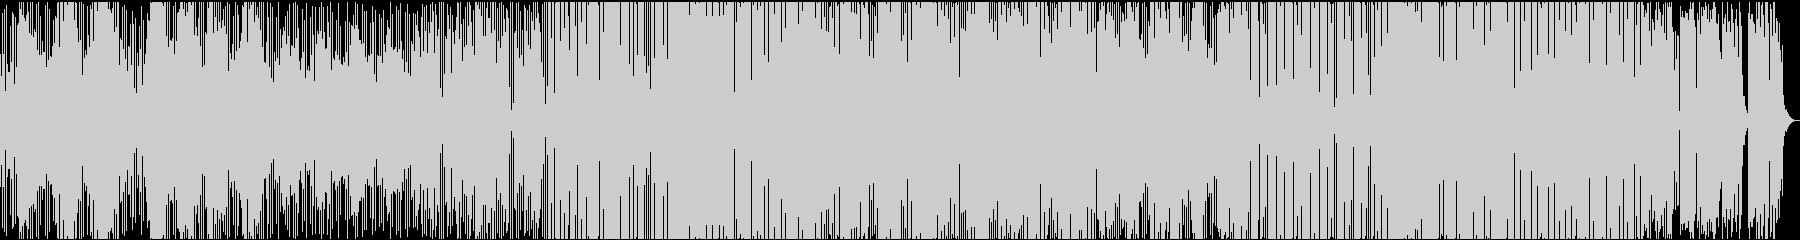 ボーカルトラック有のエンディング風BGMの未再生の波形